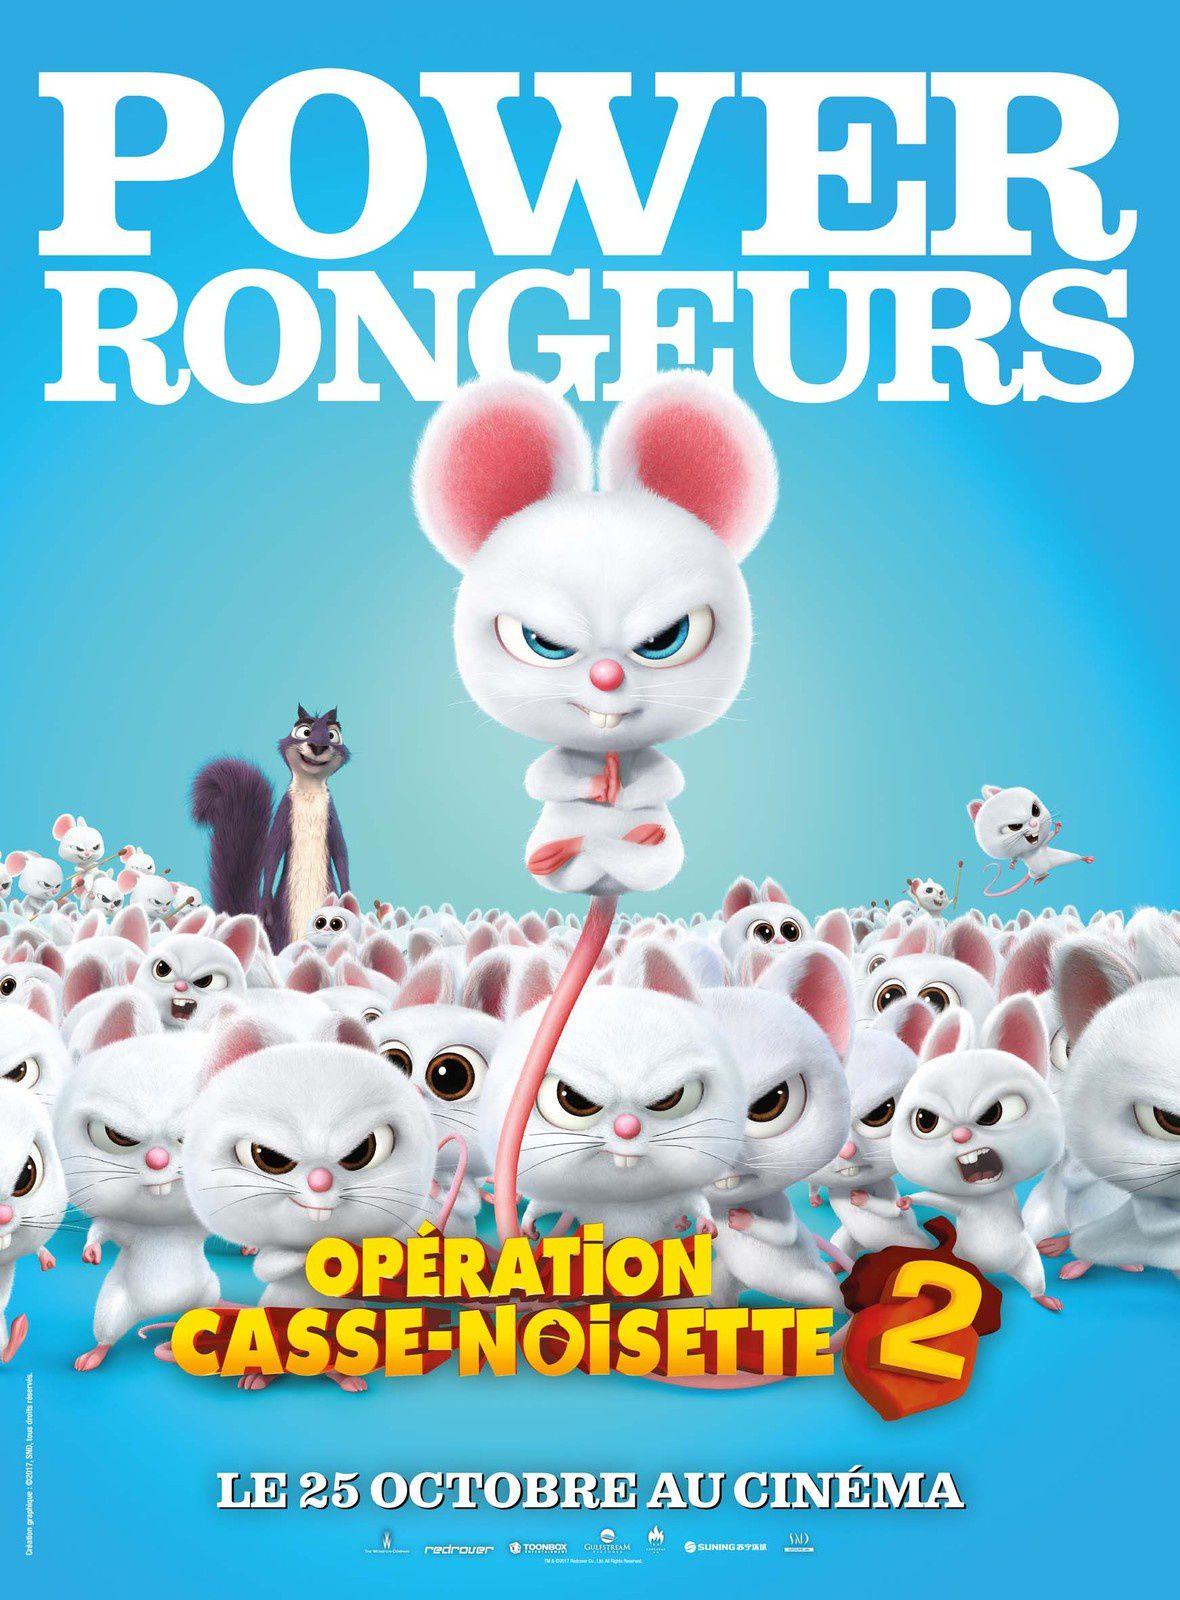 OPÉRATION CASSE NOISETTE 2 : Toutes les affiches du film dévoilées ! Au cinéma le 25 octobre !